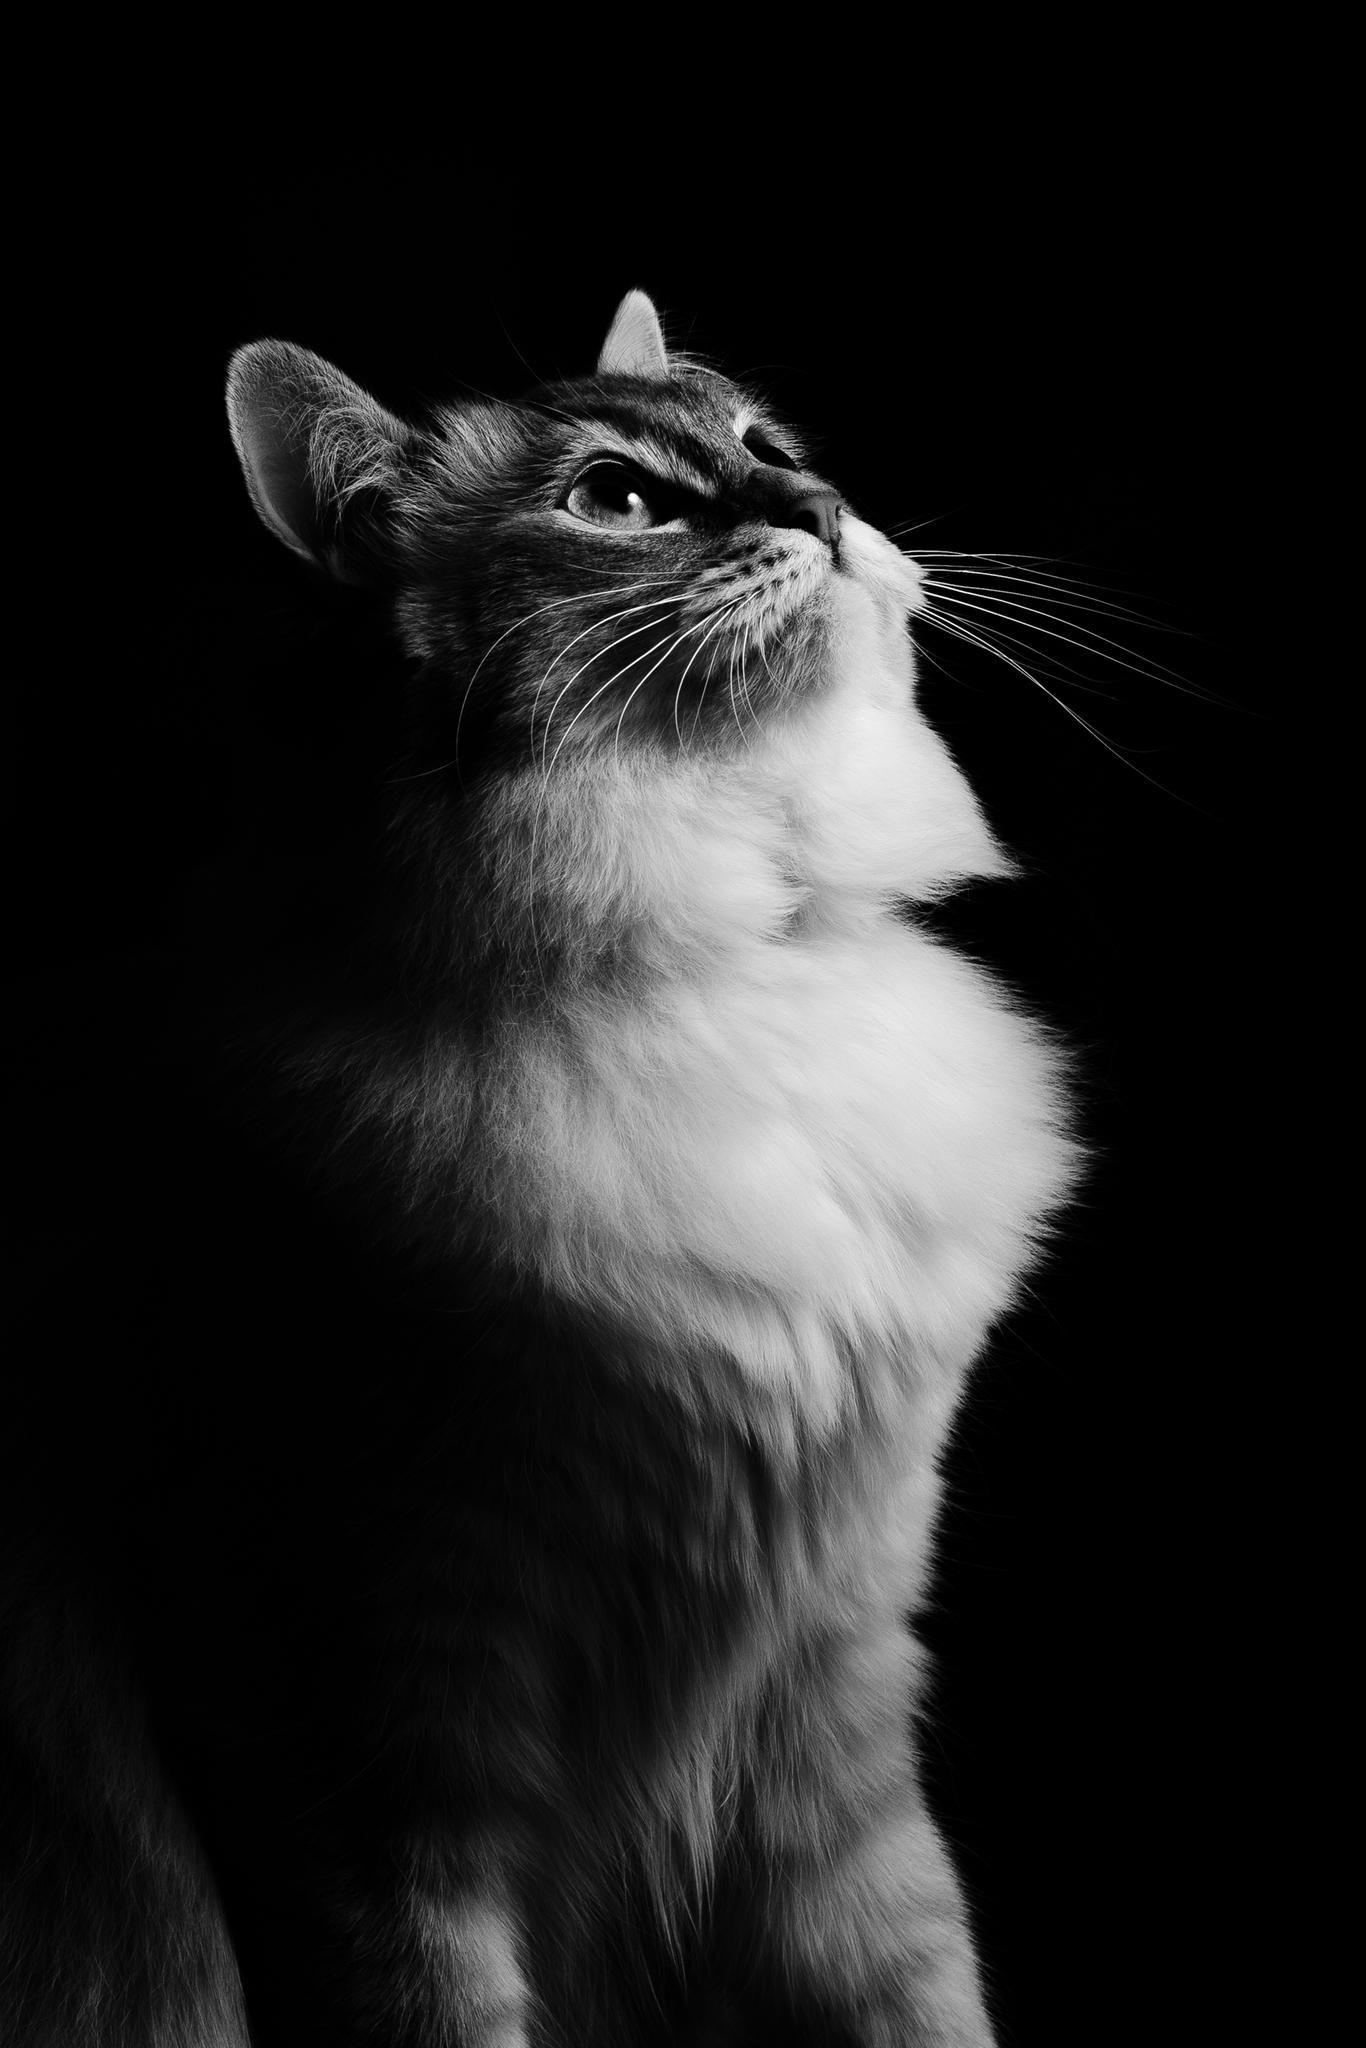 Voici une photo en noir & blanc de ma chatte Iuna, petite Ragdoll de 1 an et demie.